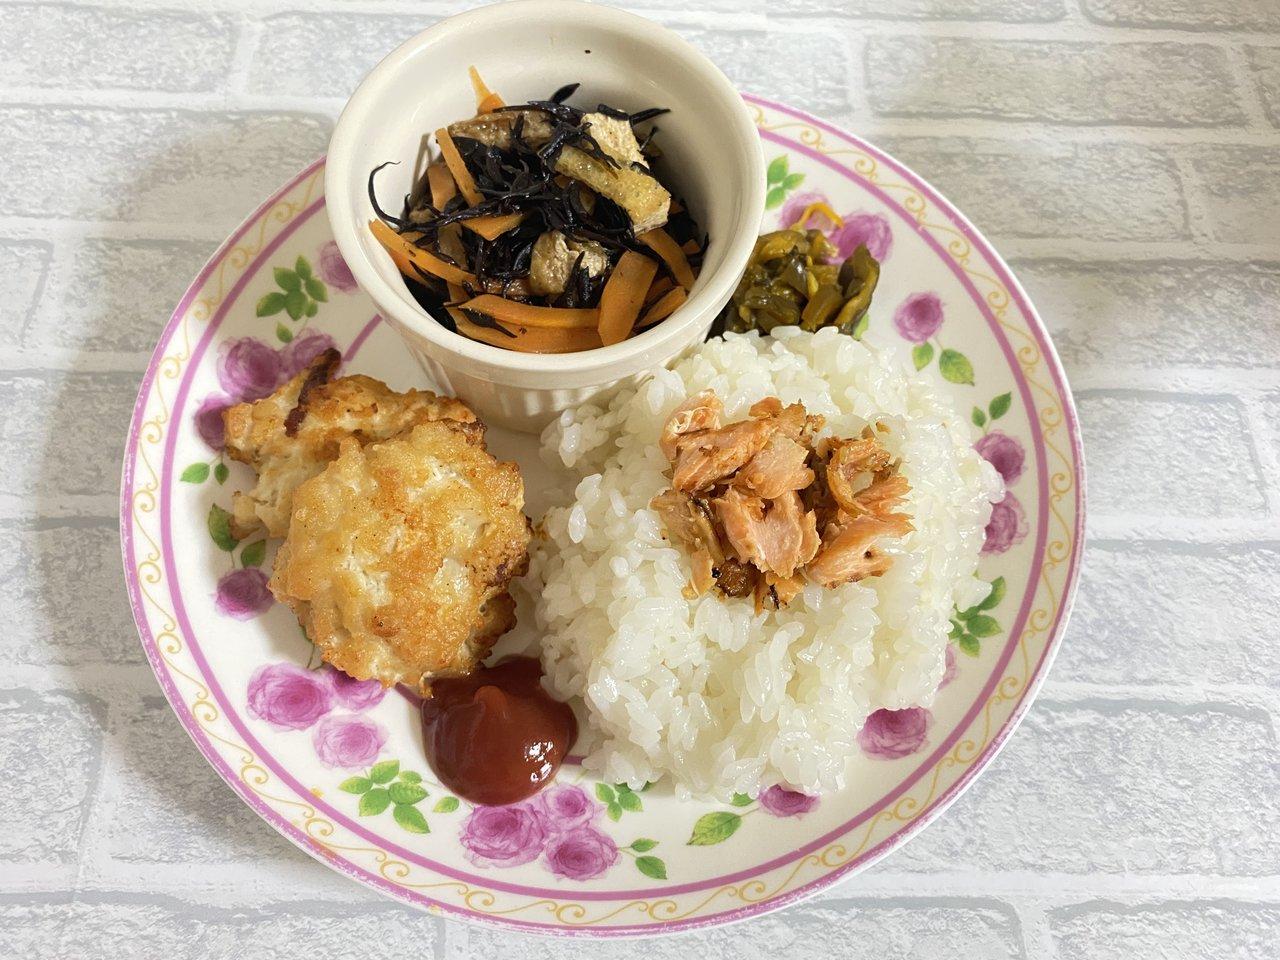 朝ごはん作りを無理なく続けよう!たんぱく質が摂れる常備菜レシピ